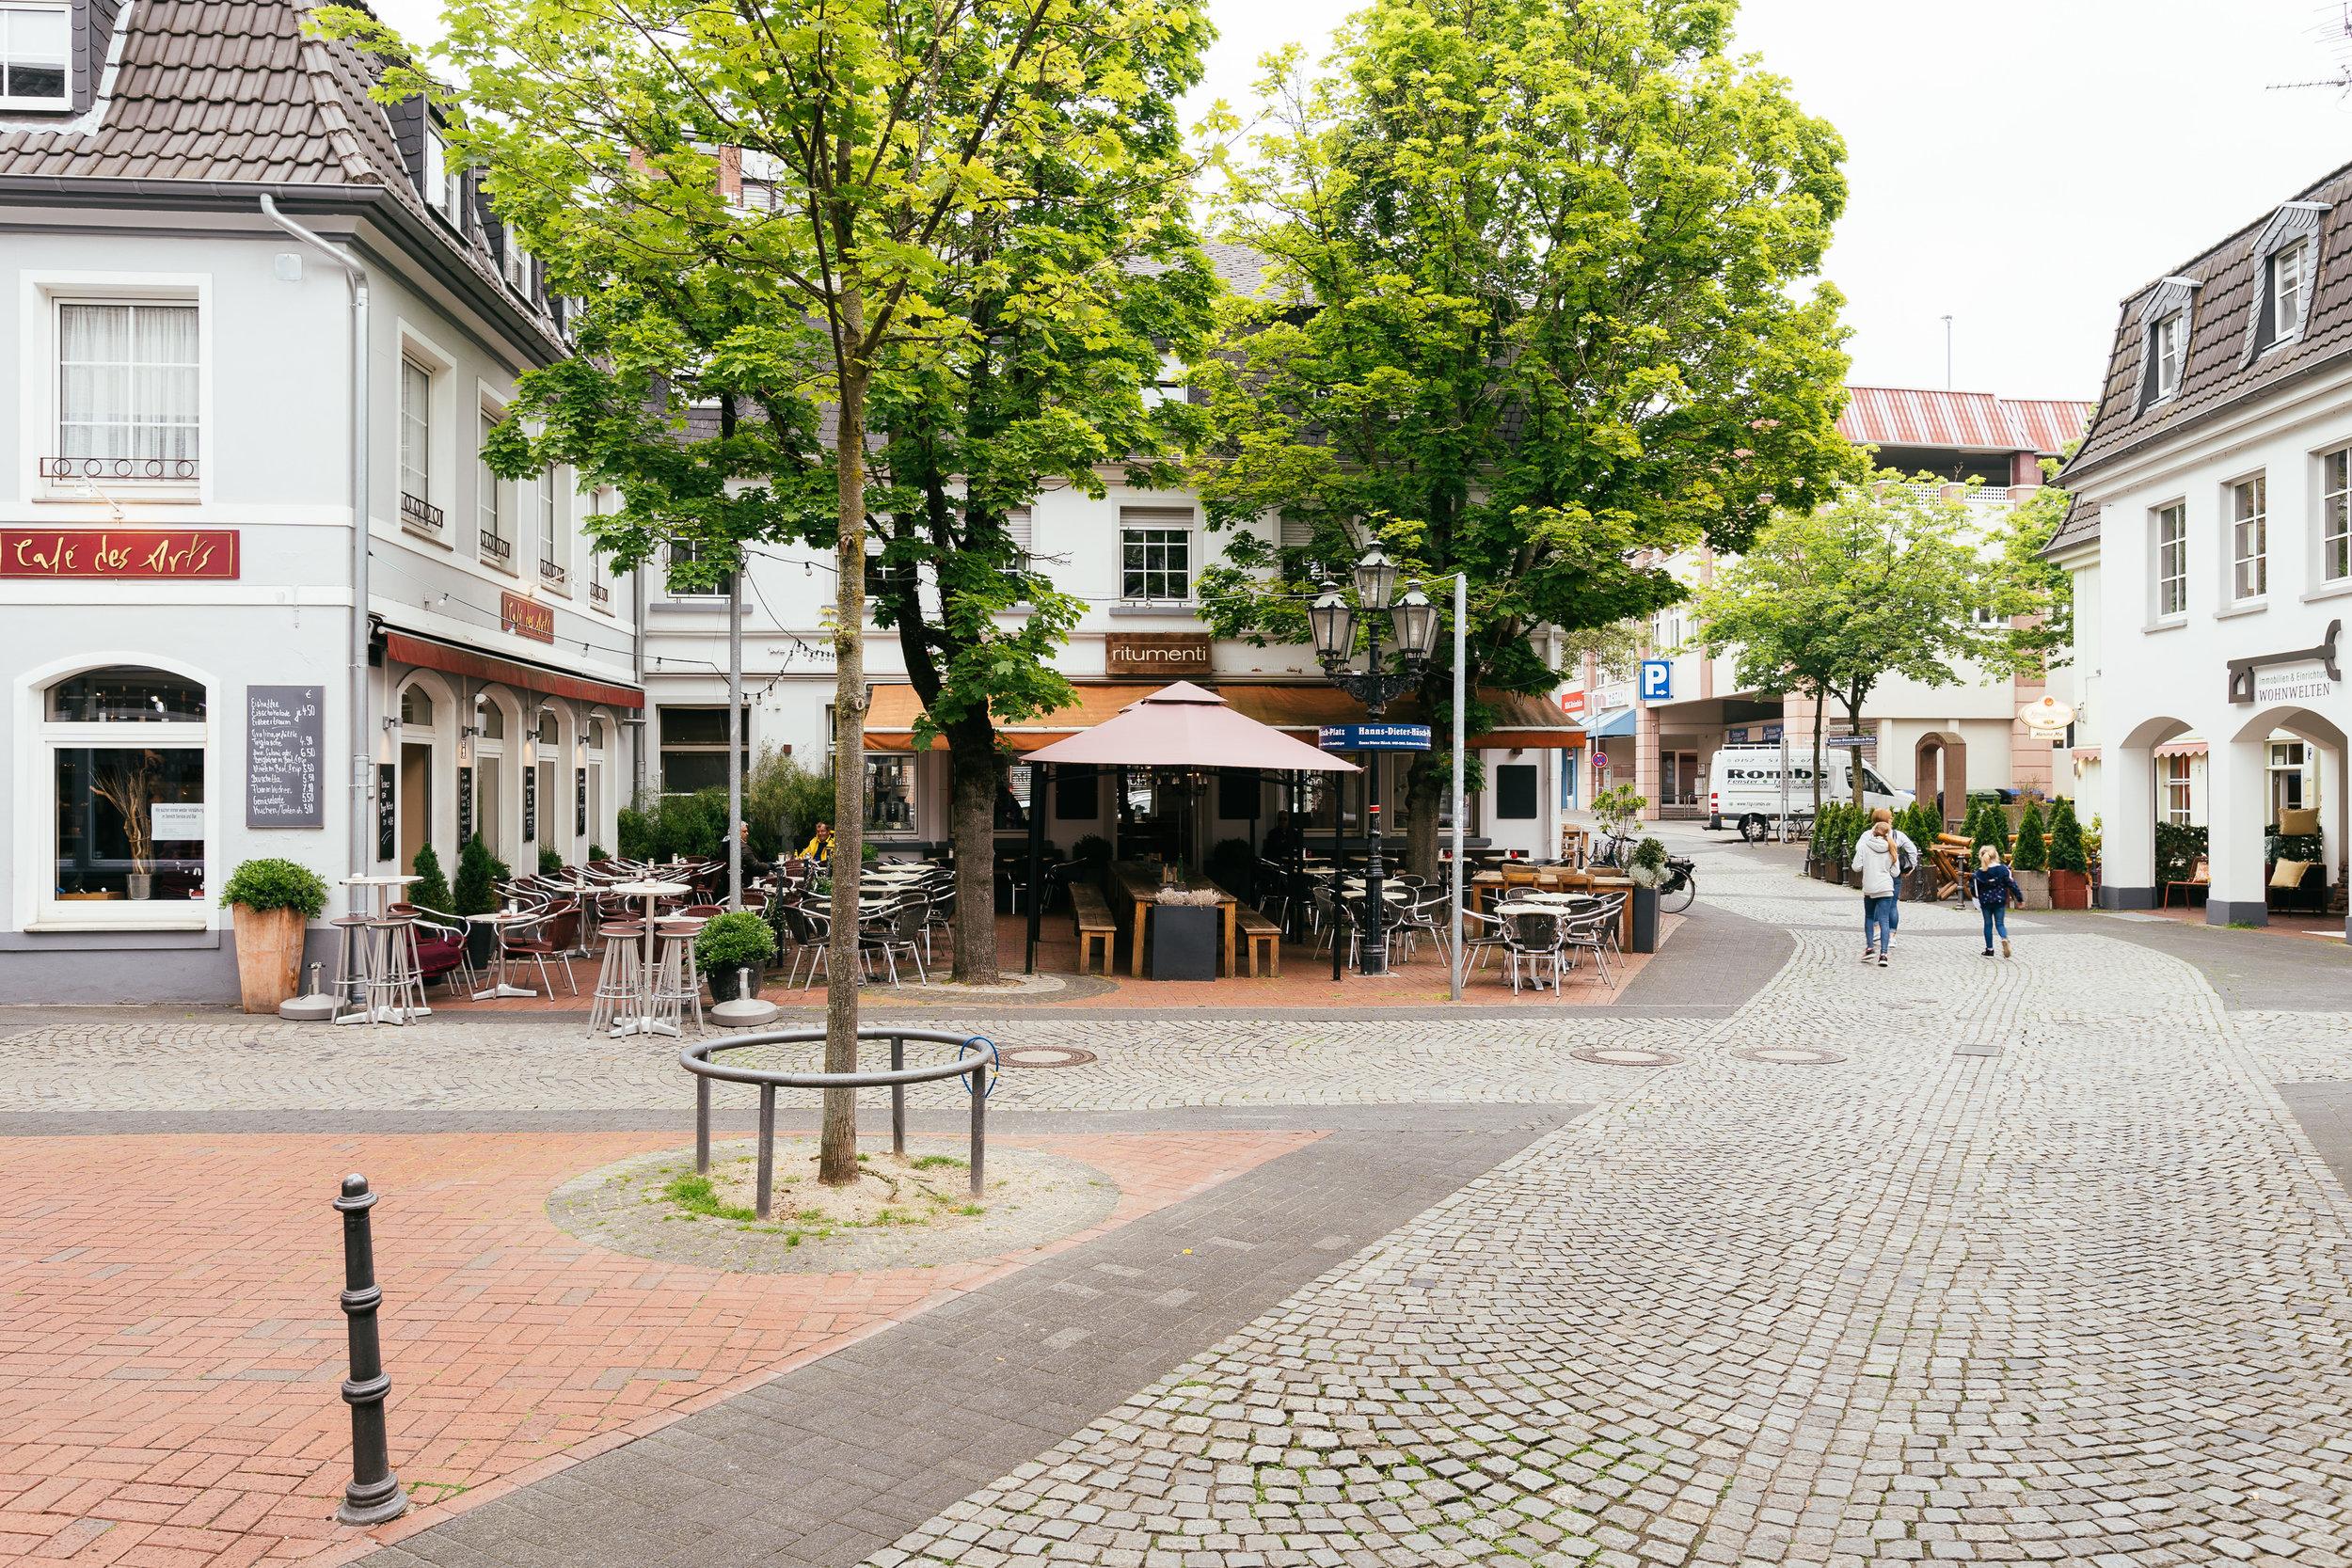 Gemütlicher Altstadtbummel, Avantgarde-Theater & echtesKneipen-Feeling – - unser Besuch in Moers